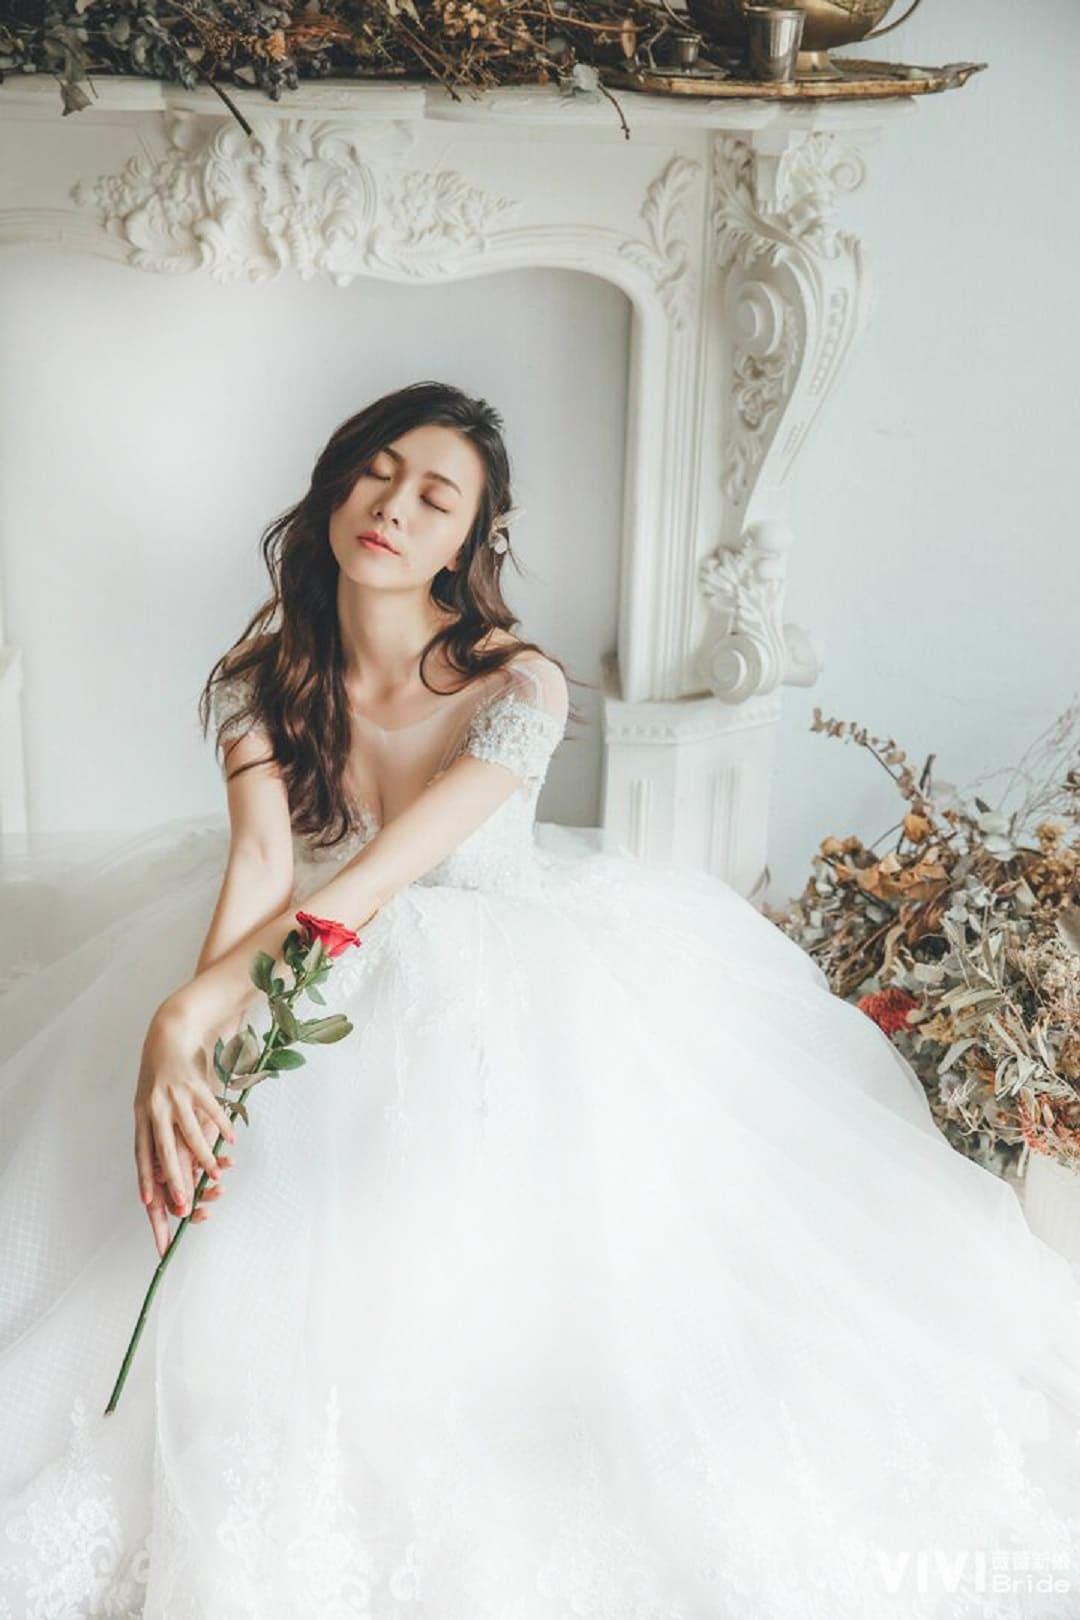 薇薇新娘婚紗攝影 婚紗禮服11